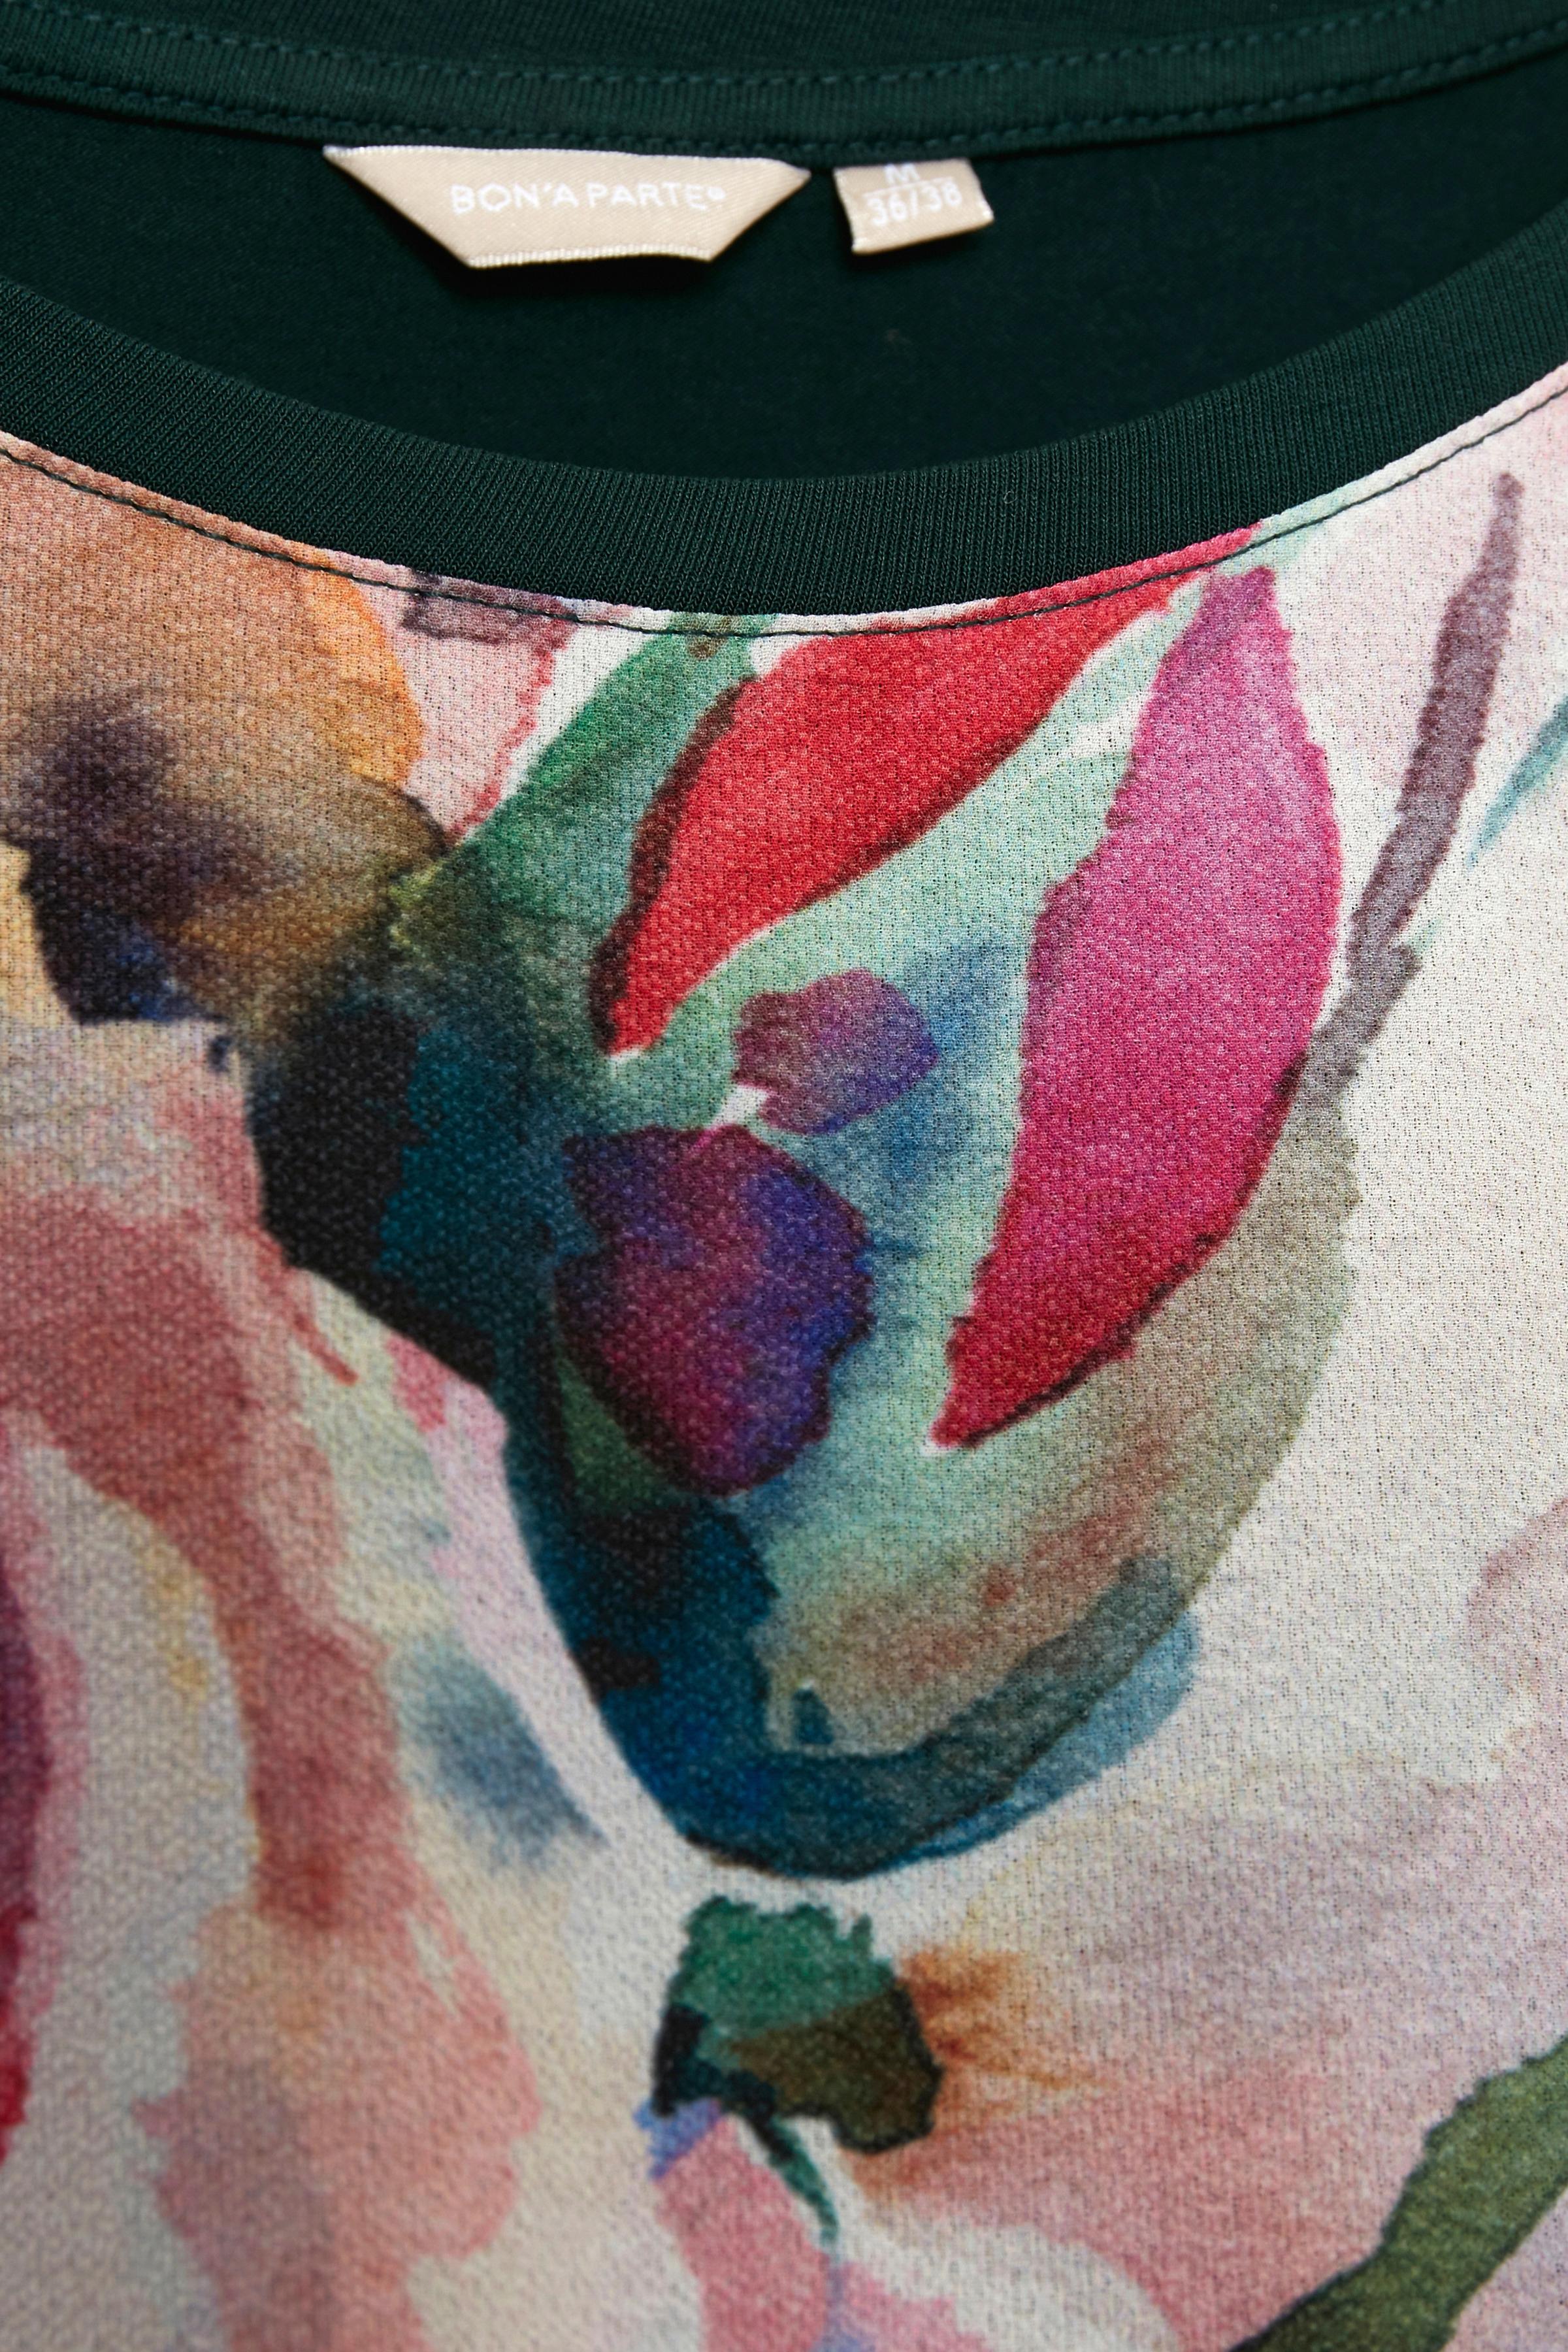 Mörkgrön Kortärmad blus från Bon'A Parte – Köp Mörkgrön Kortärmad blus från stl. S-2XL här